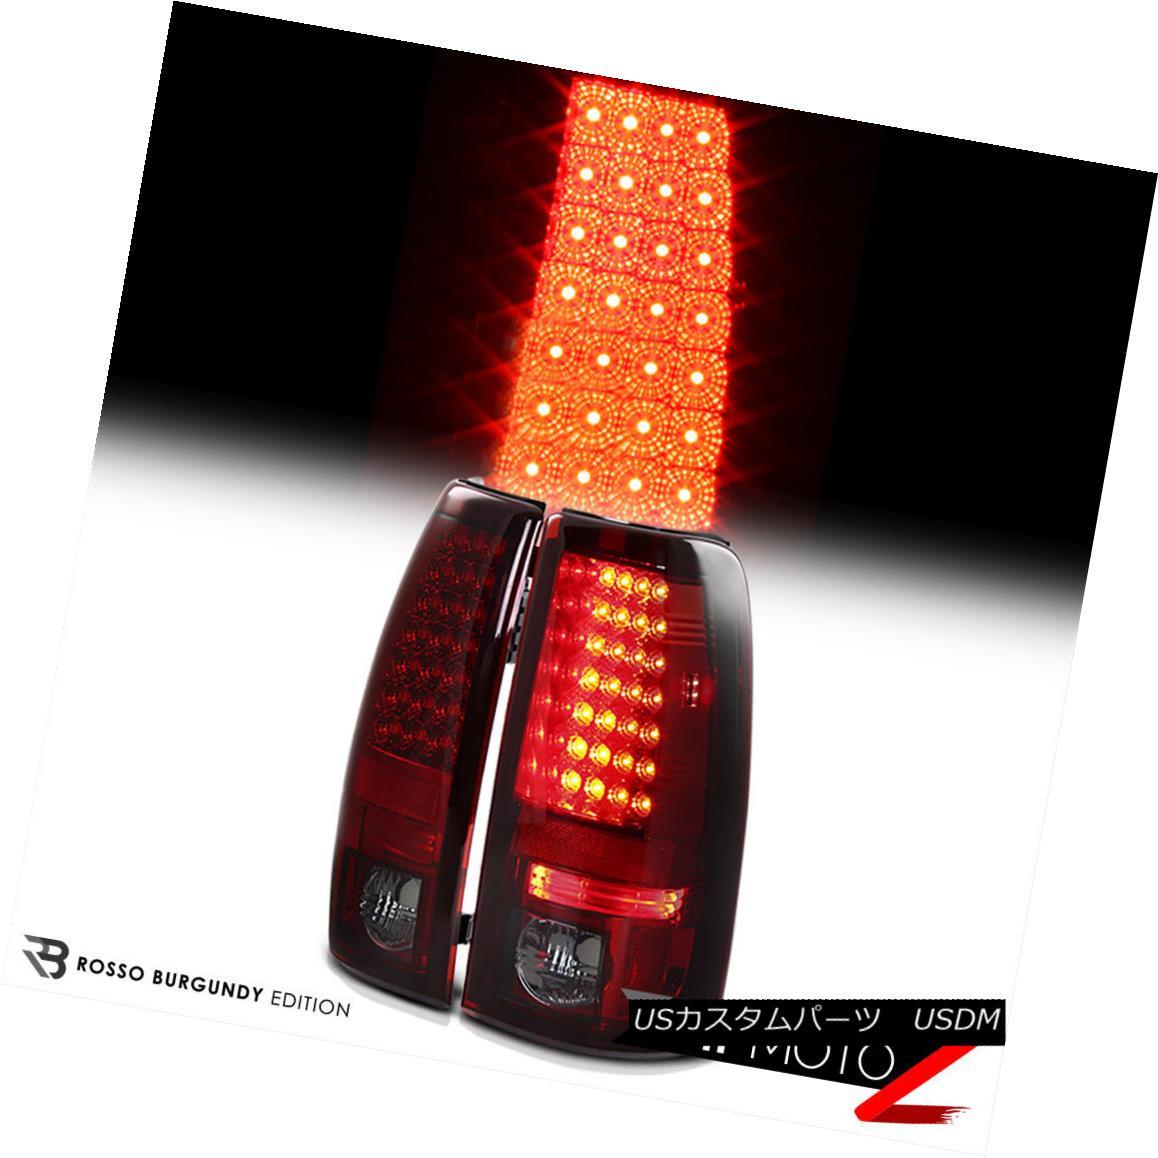 テールライト 1999-2002 Chevy Silverado | 99-06 GMC Sierra SMOKED RED LED Brake Tail Lights 1999-2002 Chevy Silverado | 99-06 GMC Sierra SMOKED RED LEDブレーキテールライト